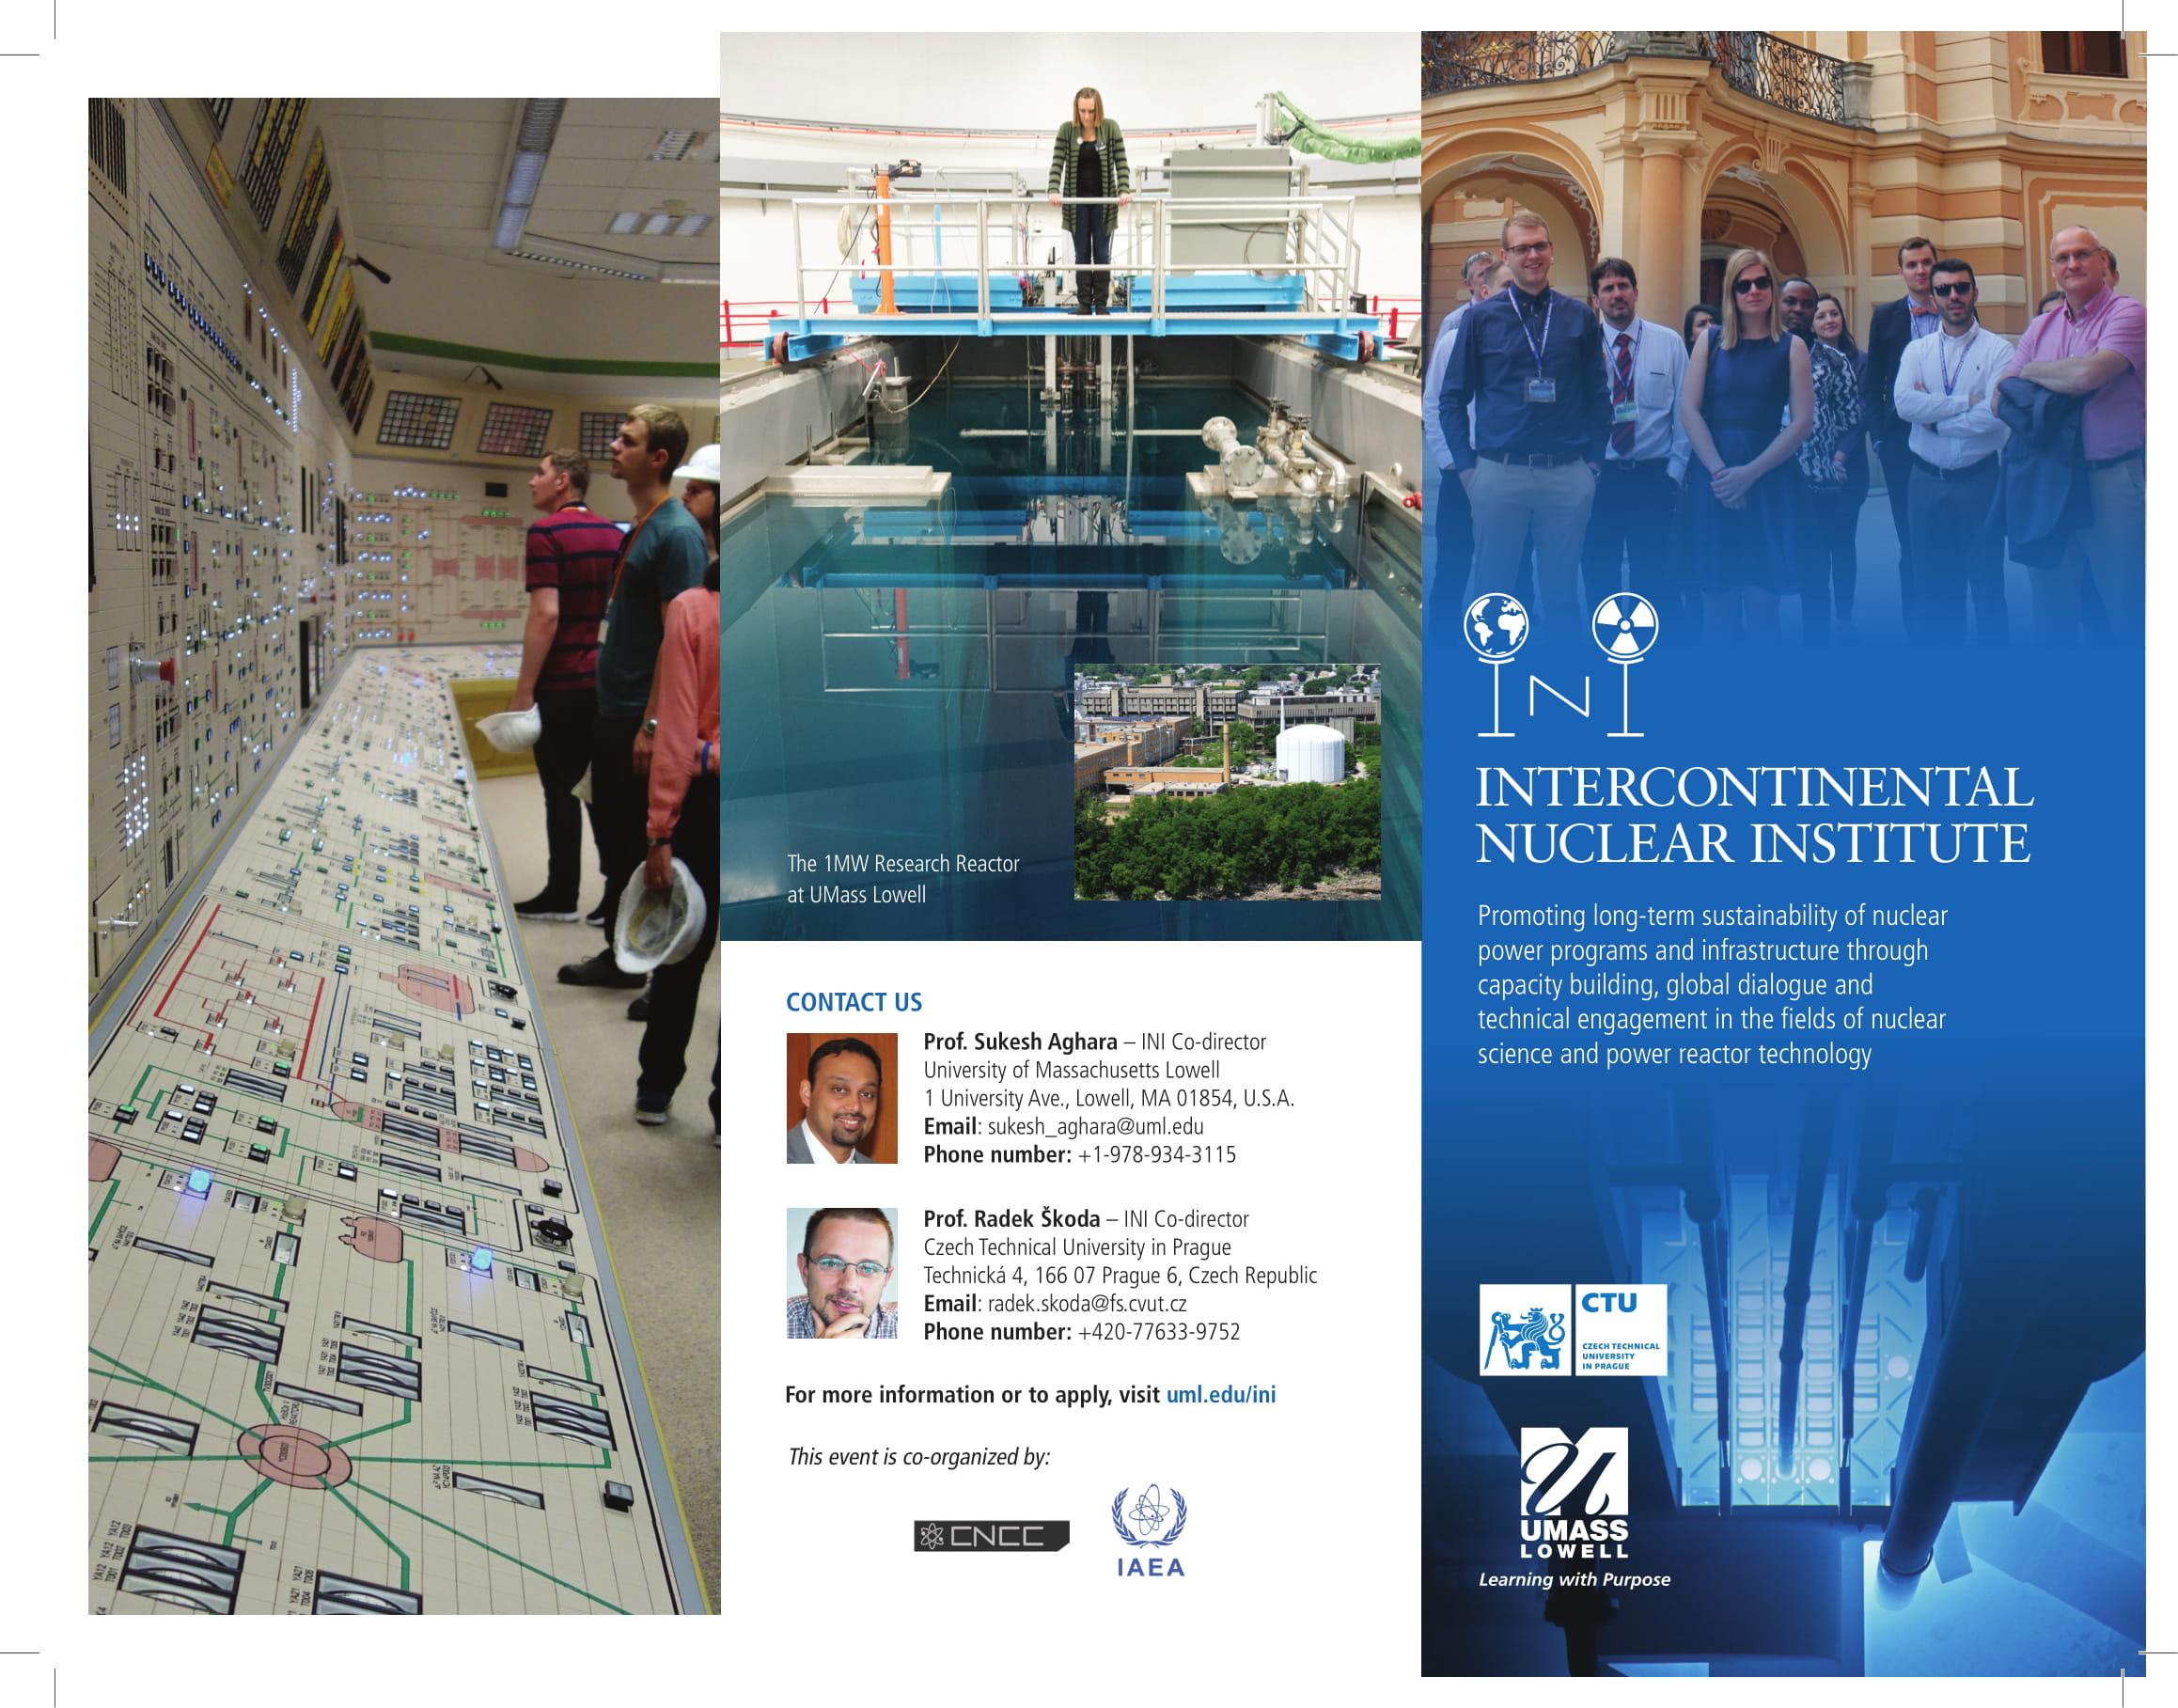 INI_tri-fold brochure_FINAL.FINAL.8.18 print-1.jpg